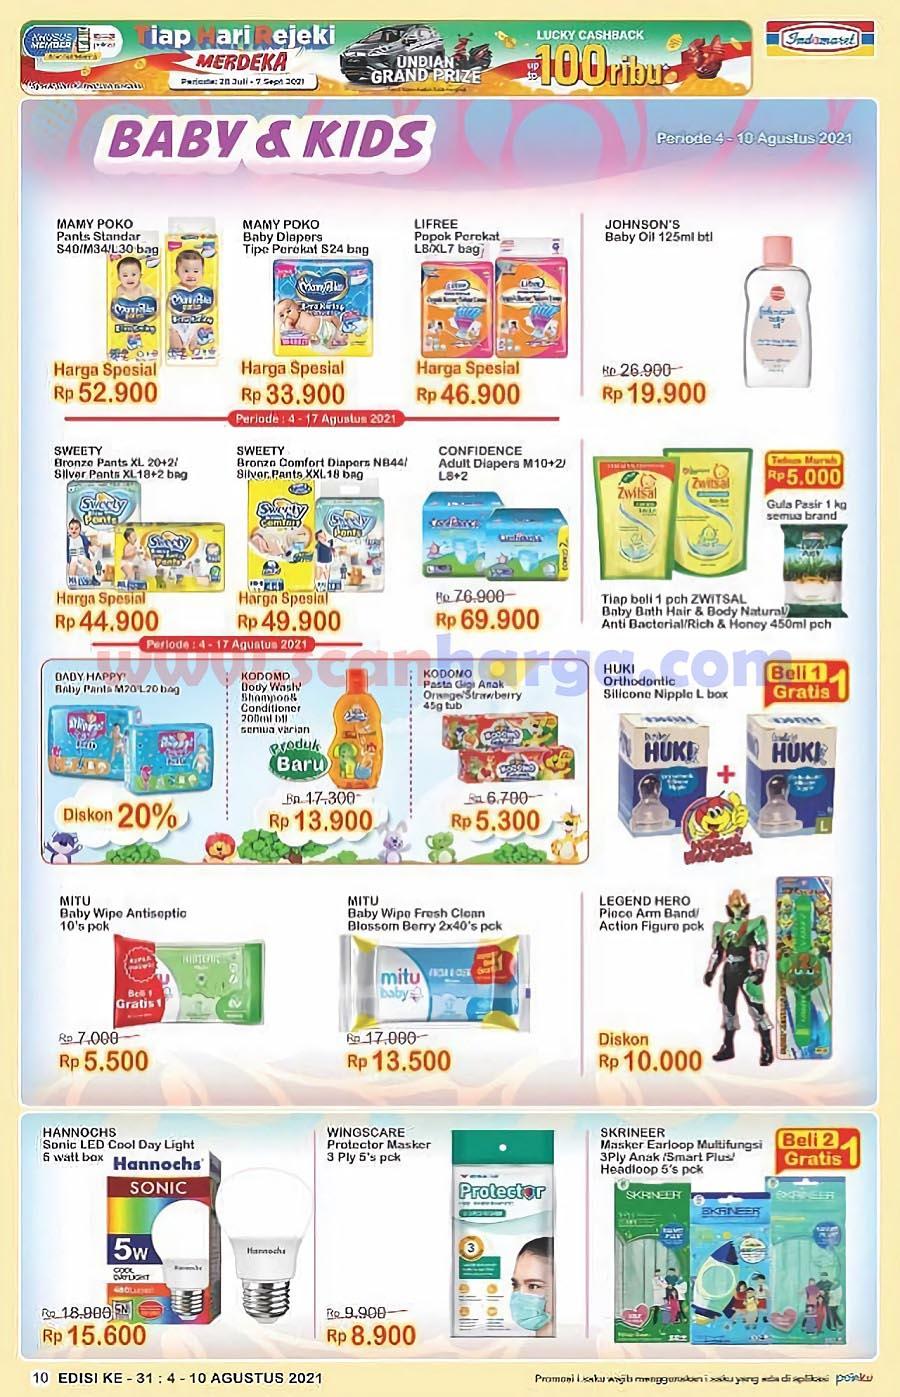 Katalog Indomaret Promo Terbaru 4 - 10 Agustus 2021 10